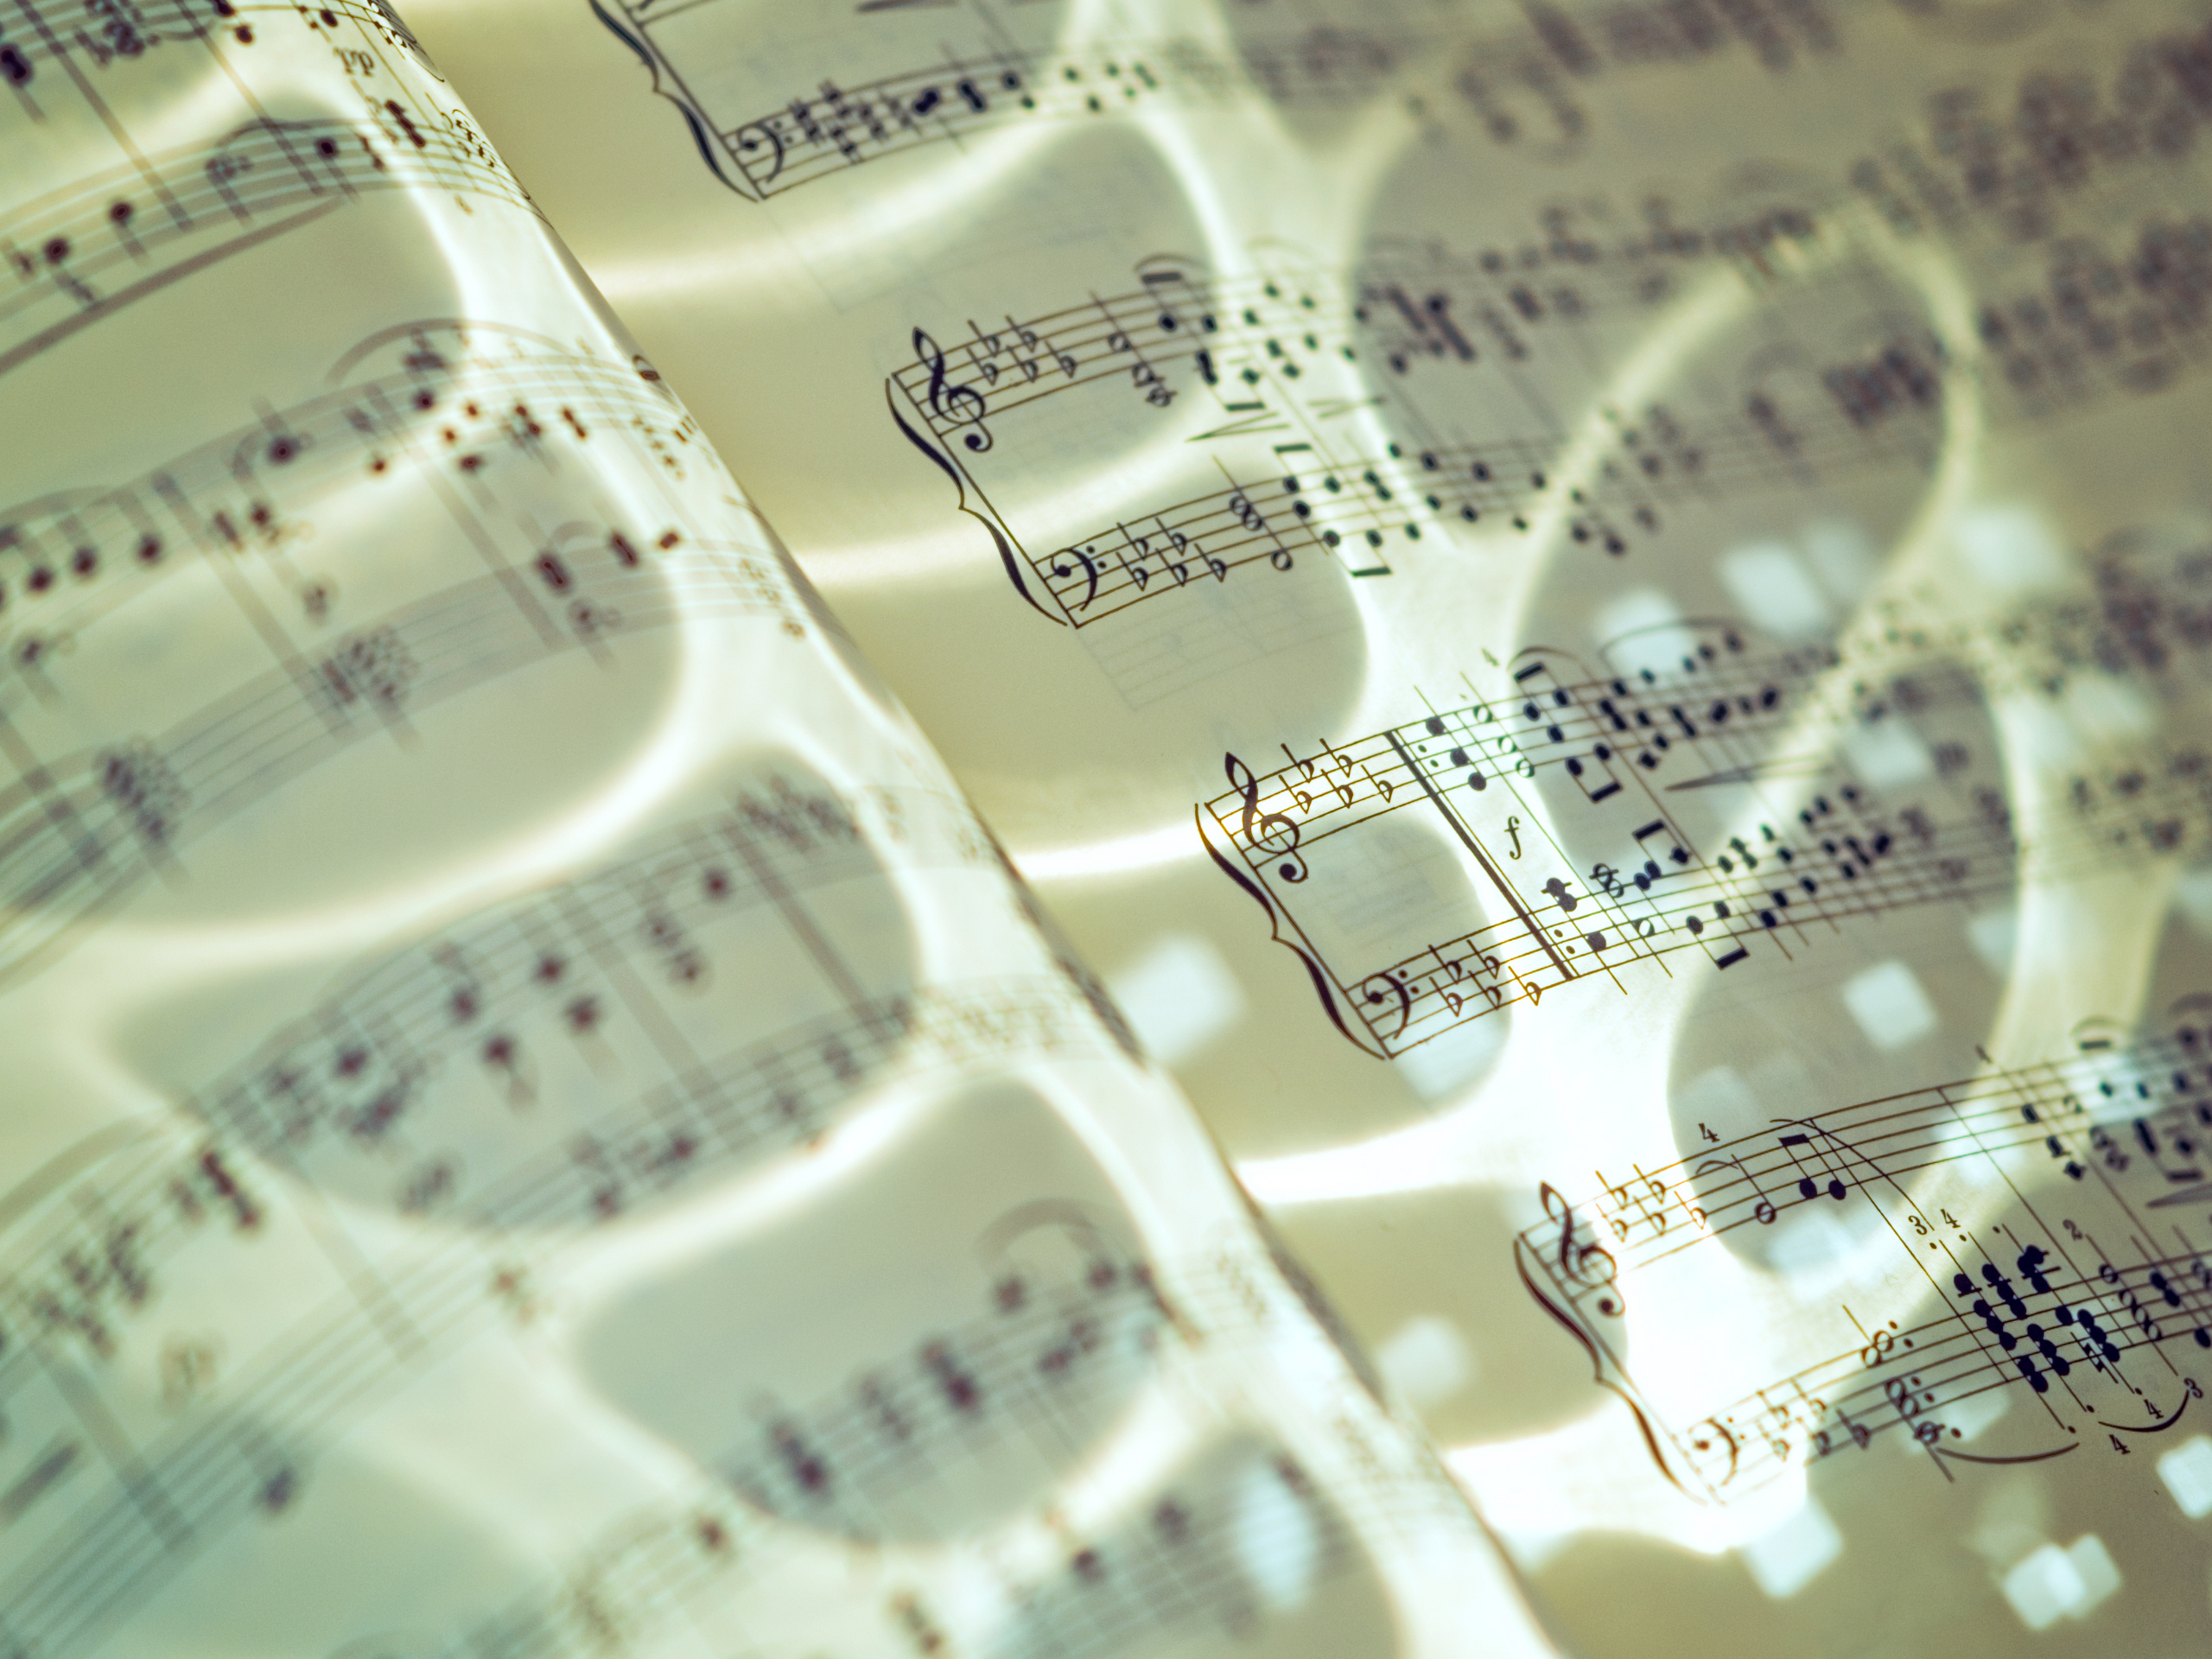 Sheet música fondo de pantalla